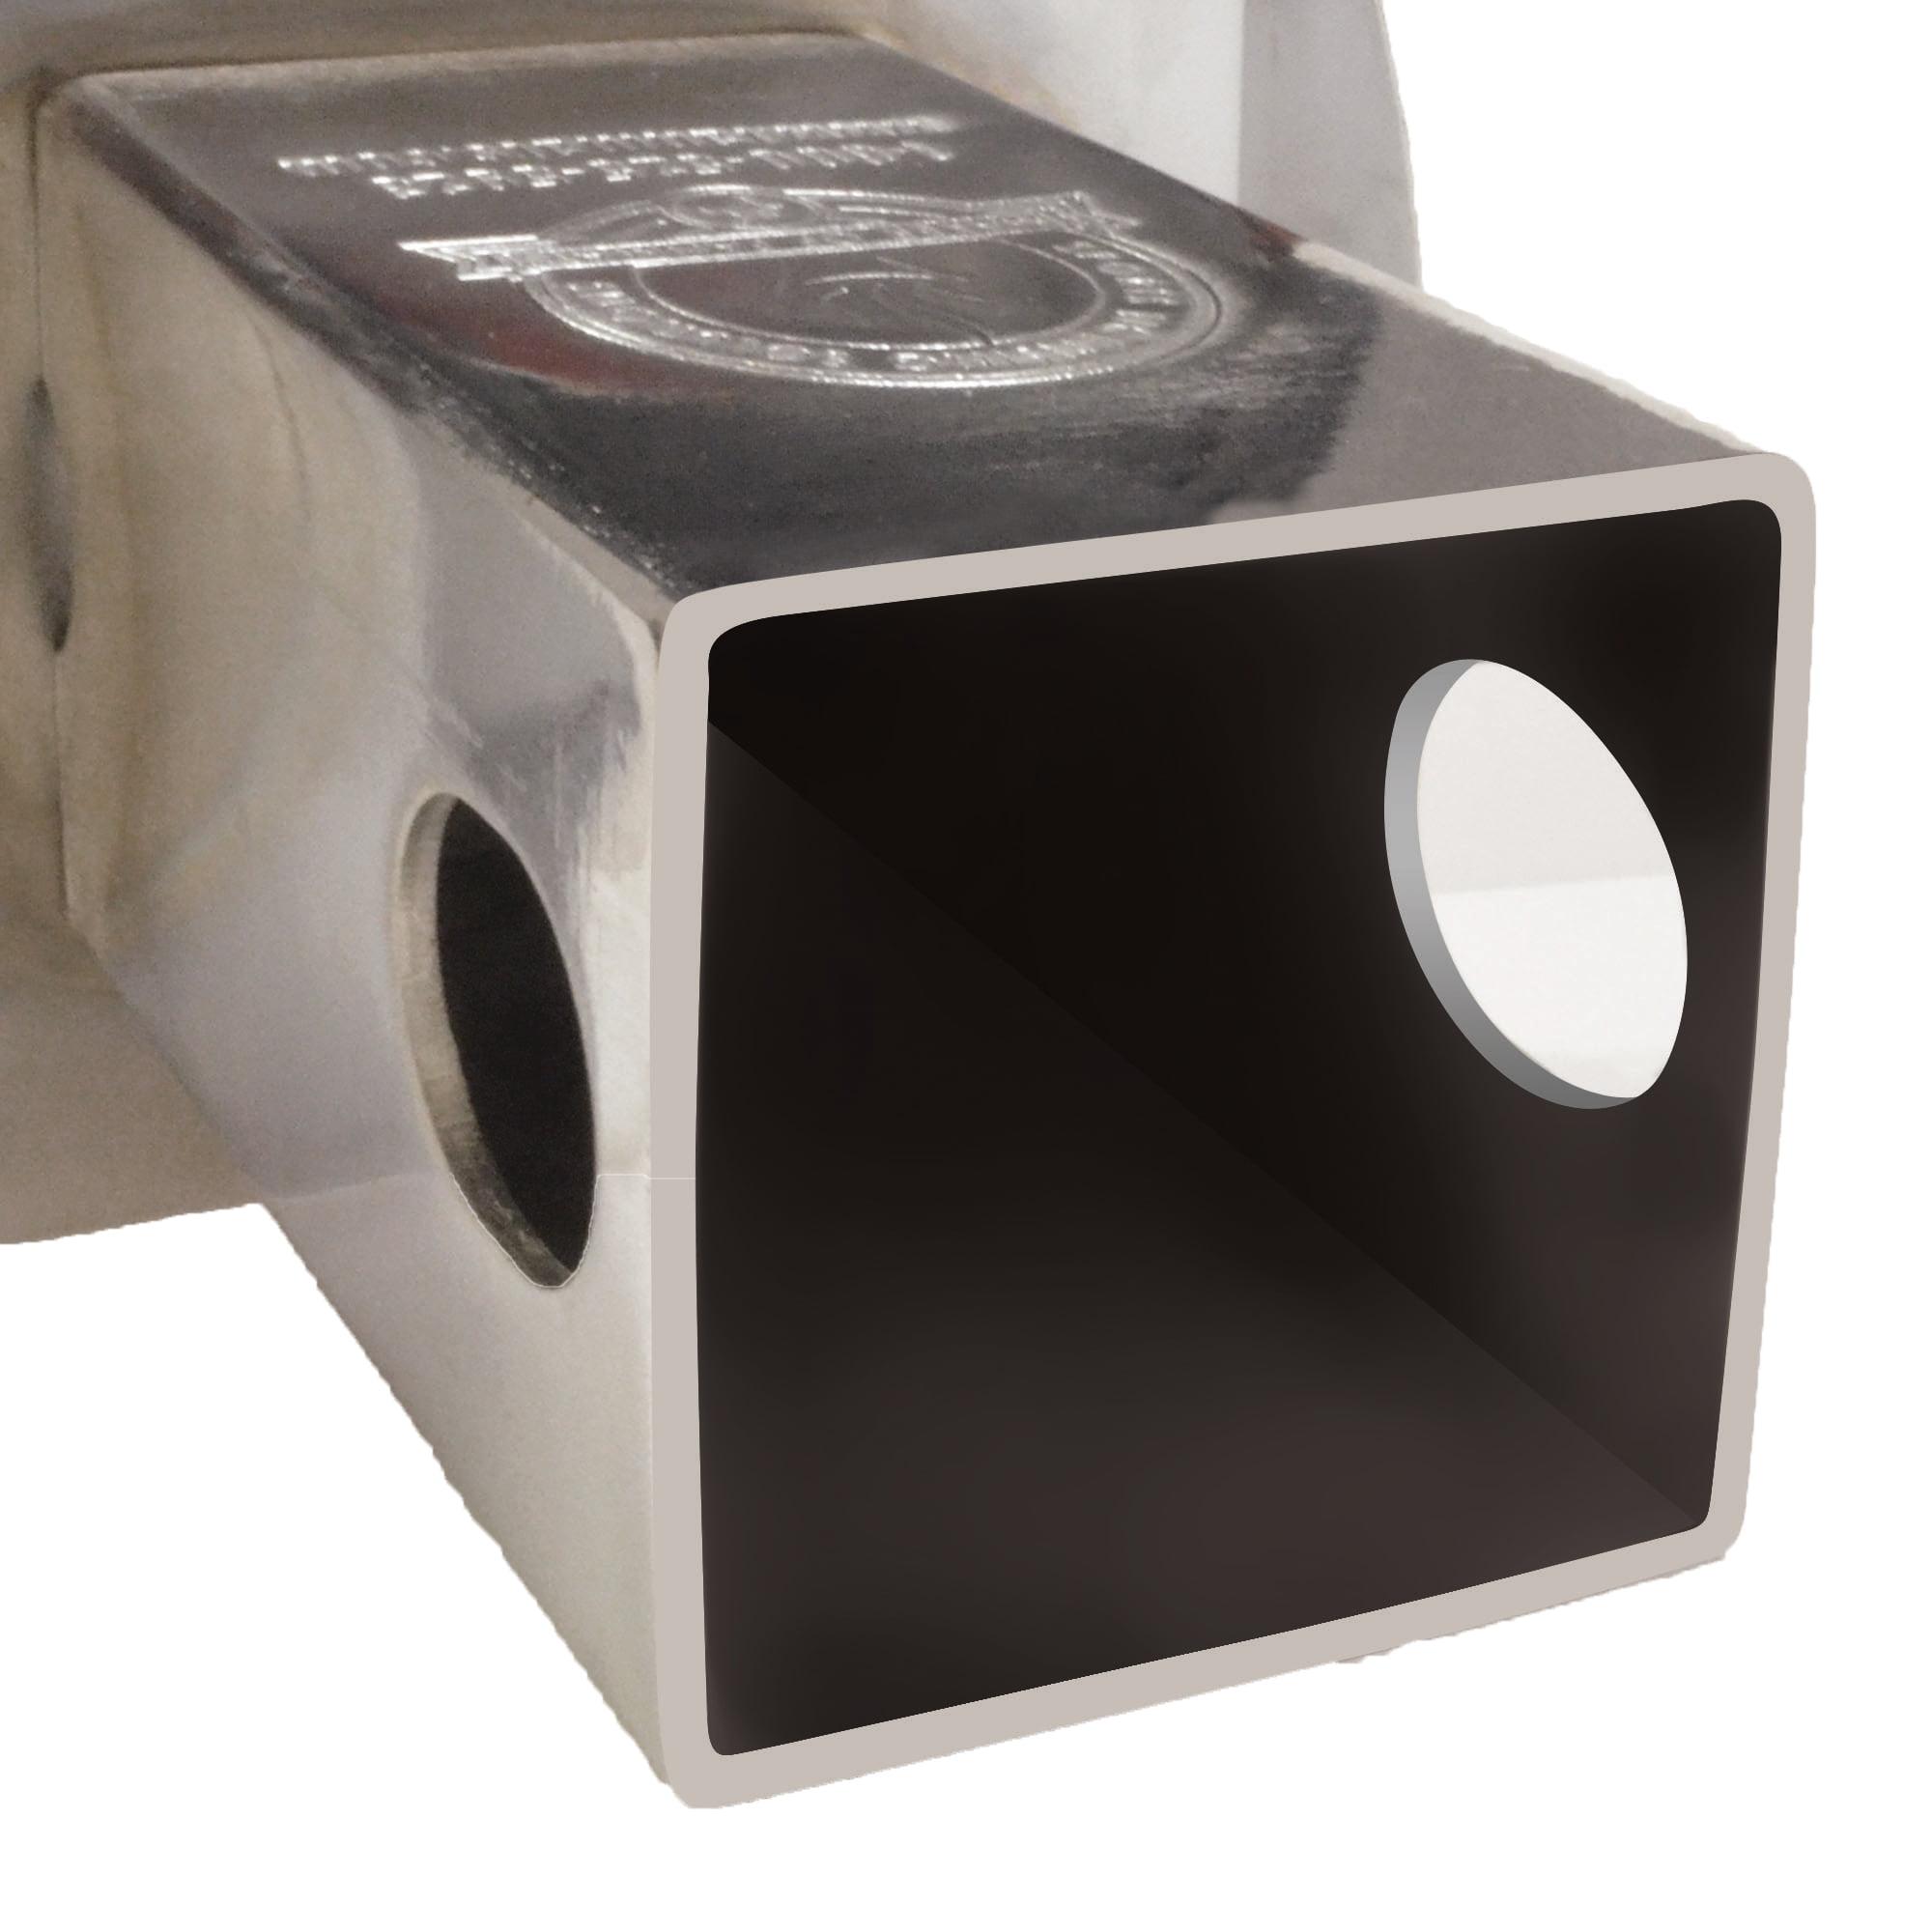 H D/&D PowerDrive 450H075Bfx Brecoflex Replacement Belt Rubber 45 Length